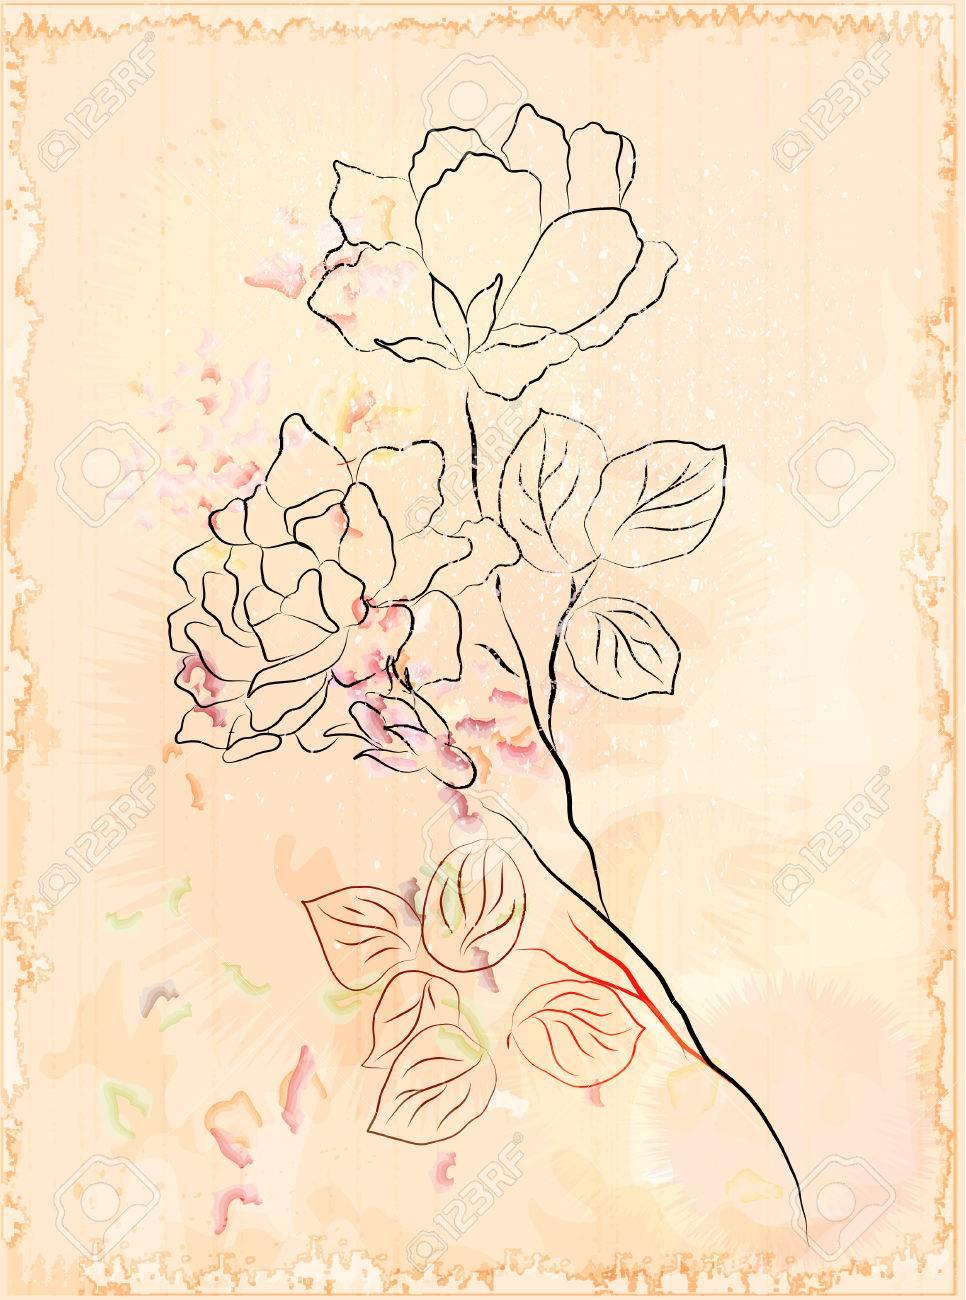 vintage sketch Stock Vector - 7097053